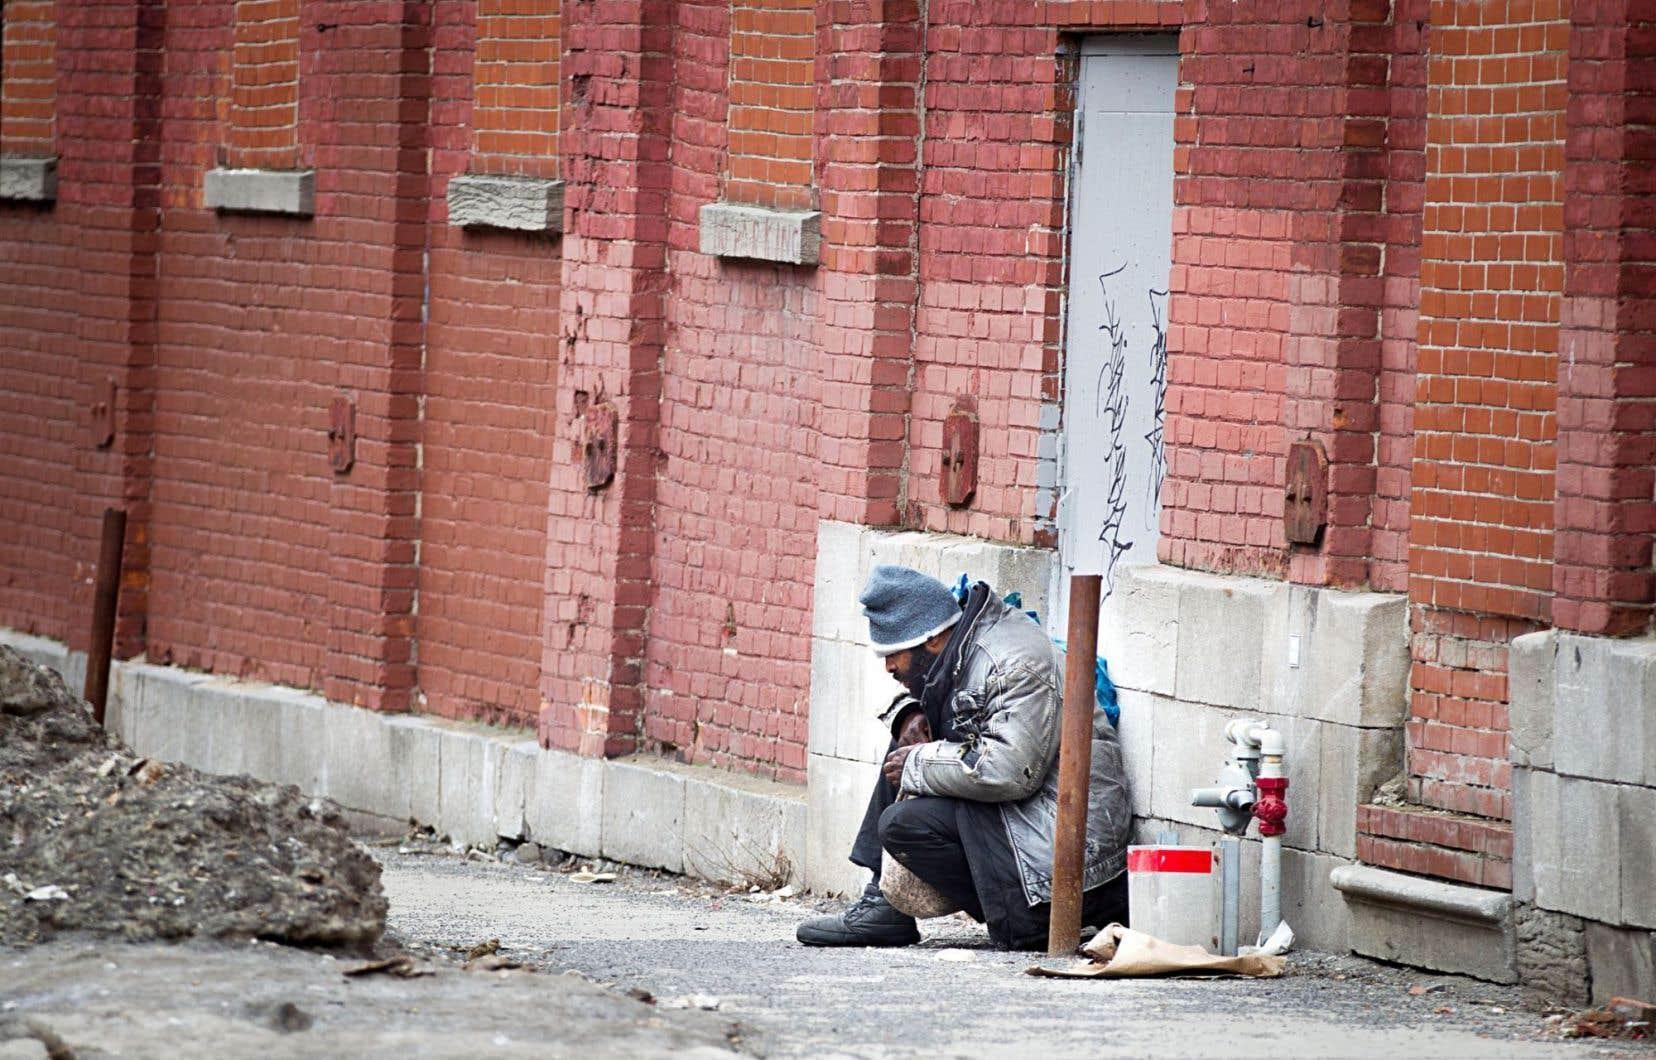 Le Mouvement pour mettre fin à l'itinérance à Montréal (MMFIM) s'est donné l'objectif ambitieux de permettre à 2000 personnes de retrouver un logis d'ici 2020.